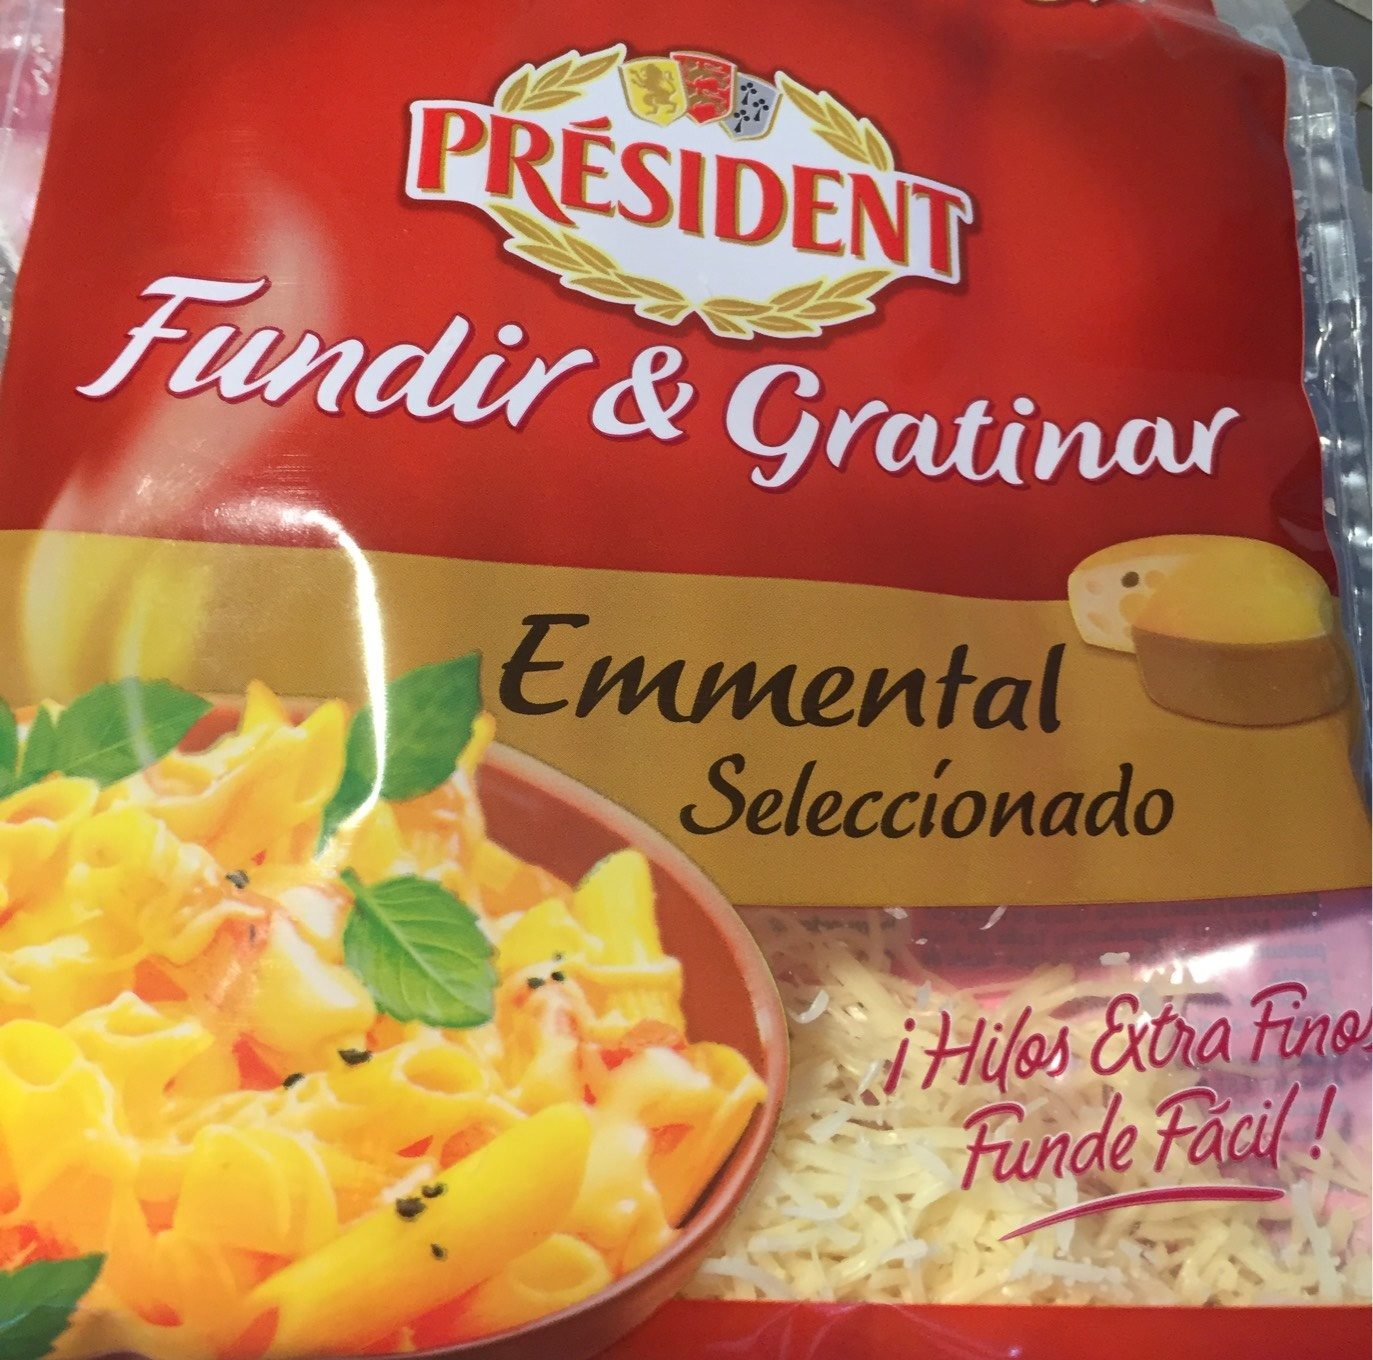 Emmental fundir & gratinar - Producto - fr